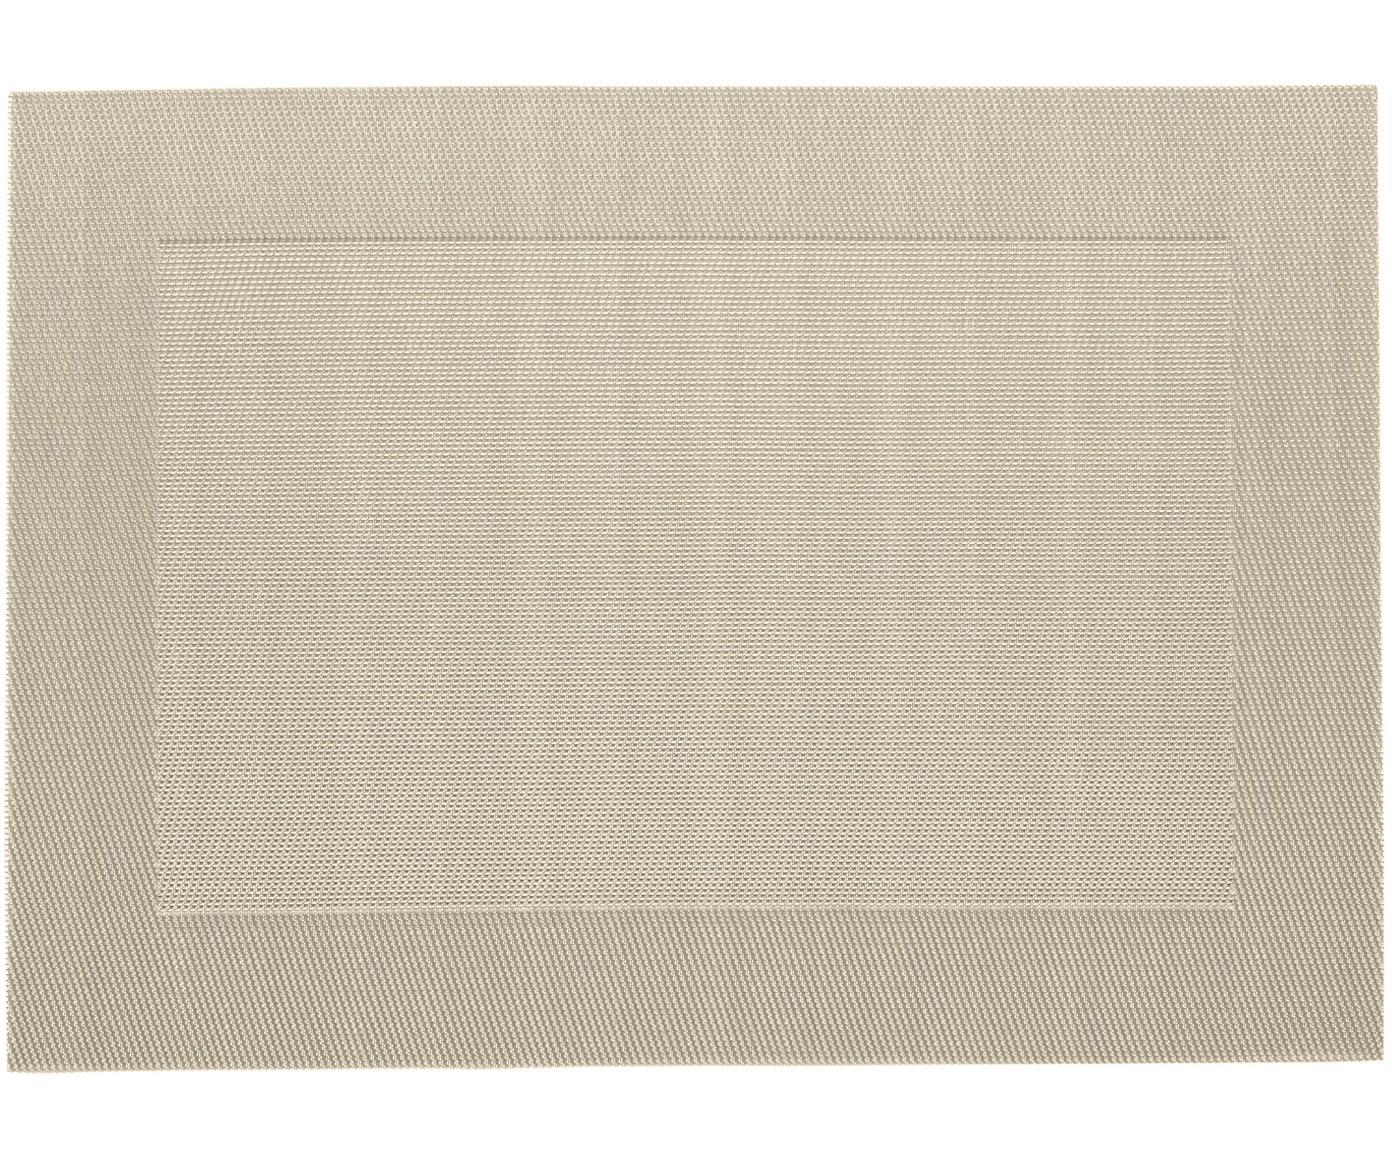 Podkładka z tworzywa sztucznego Modern, 2 szt., Tworzywo sztuczne, Beżowy, kremowy, 33 x 46 cm